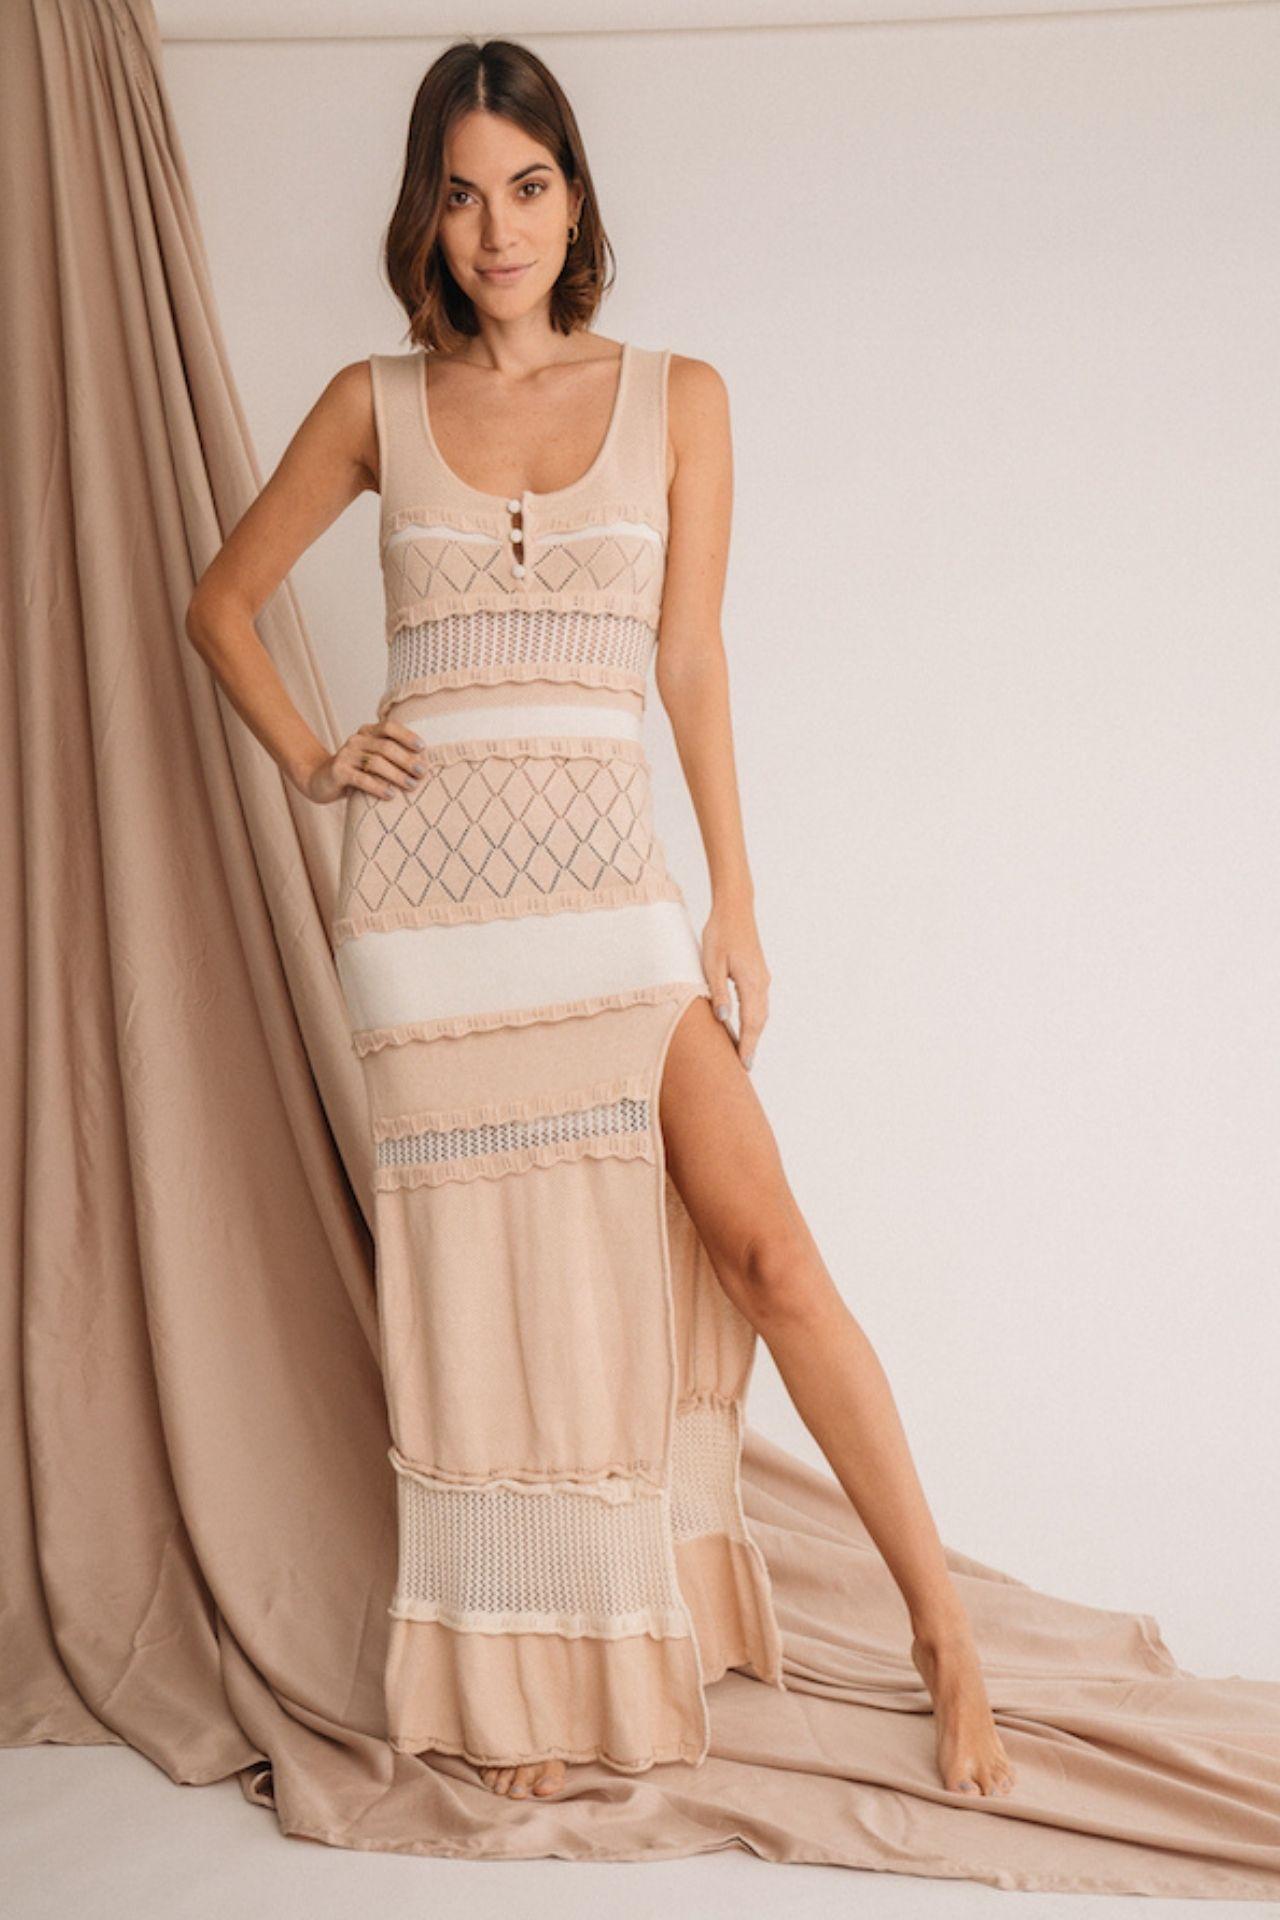 Vestido tejido tania  Prenda tejida de 100% algodon  Este producto se entrega 15 dias despues de haber realizado la compra